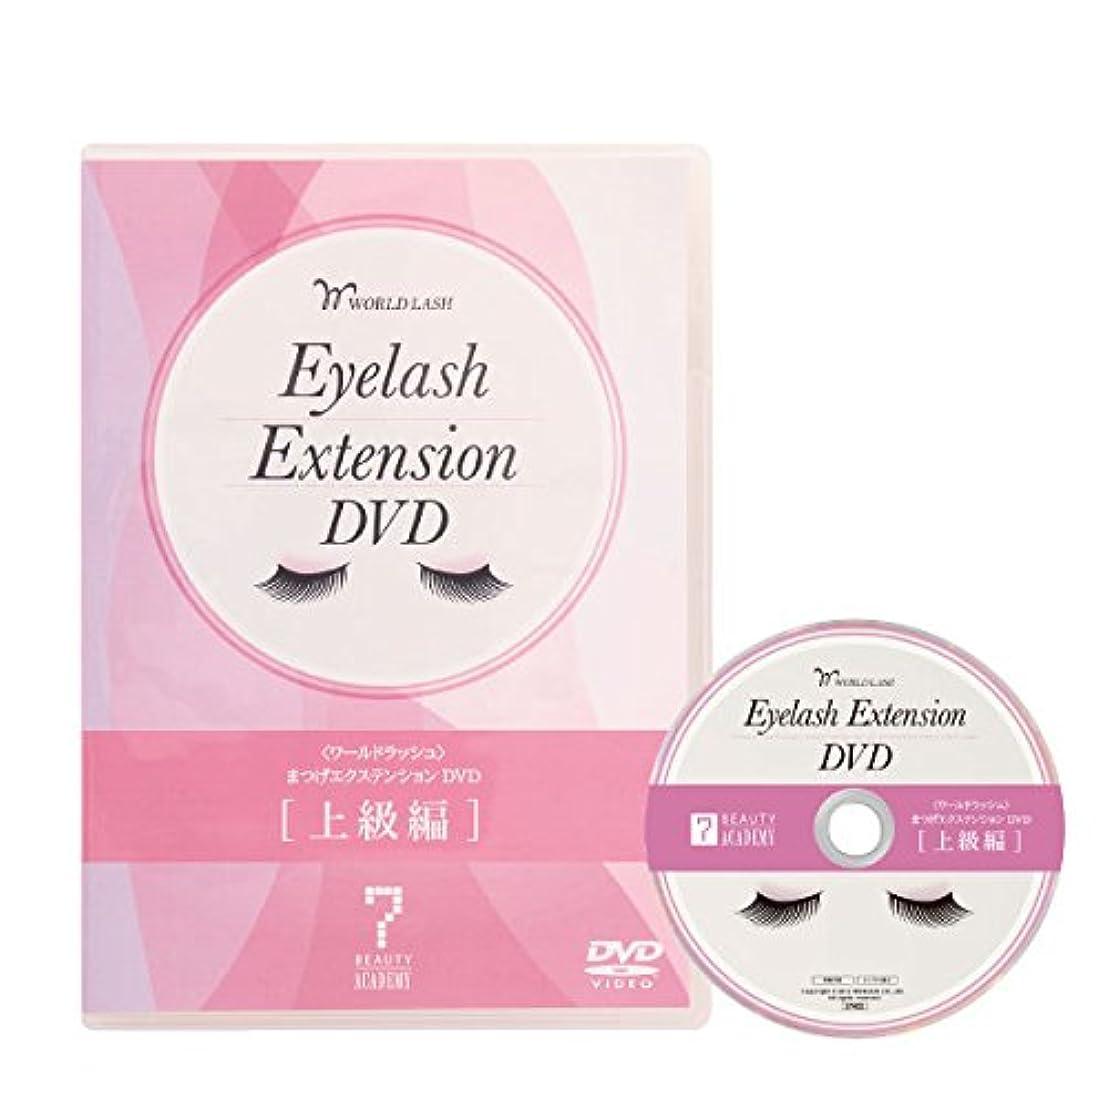 とティーム陰謀前方へ< WORLD LASH > まつげエクステンション DVD (上級編) [ 教材 テキスト DVD まつげエクステ まつ毛エクステ まつエク マツエク サロン用 ]